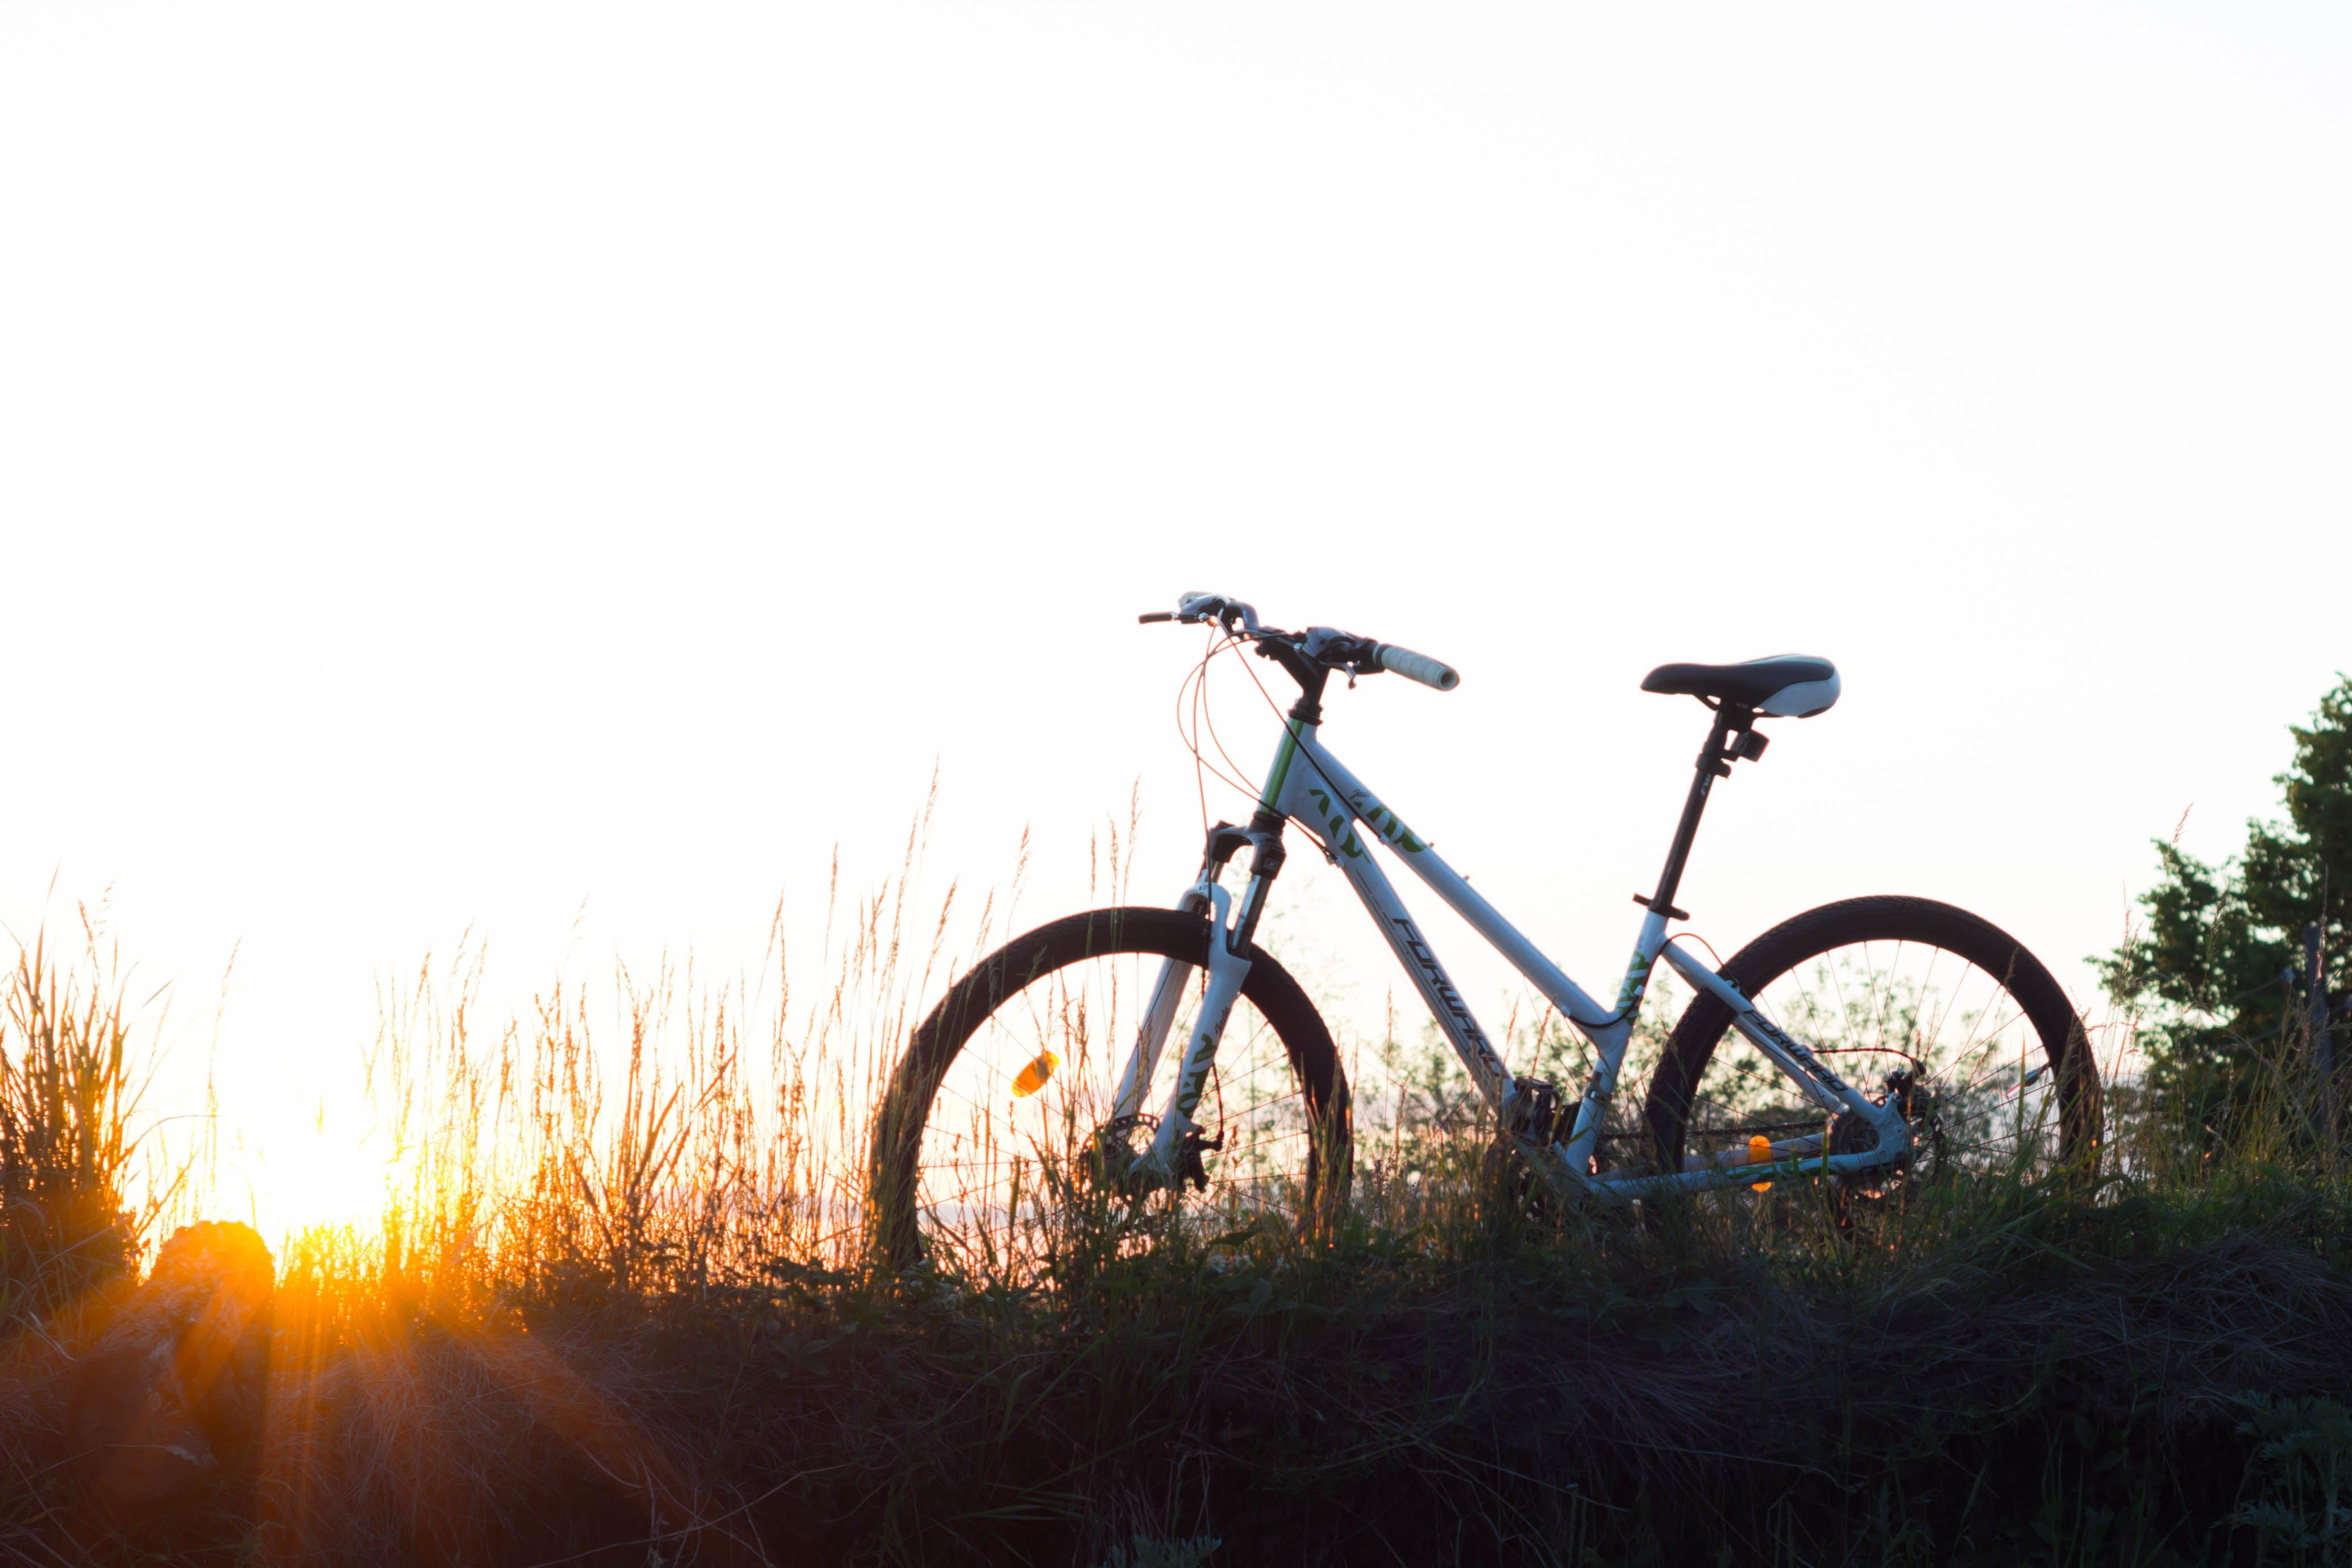 Kostnadsfri bild av cykel, fritid, gräs, hjul